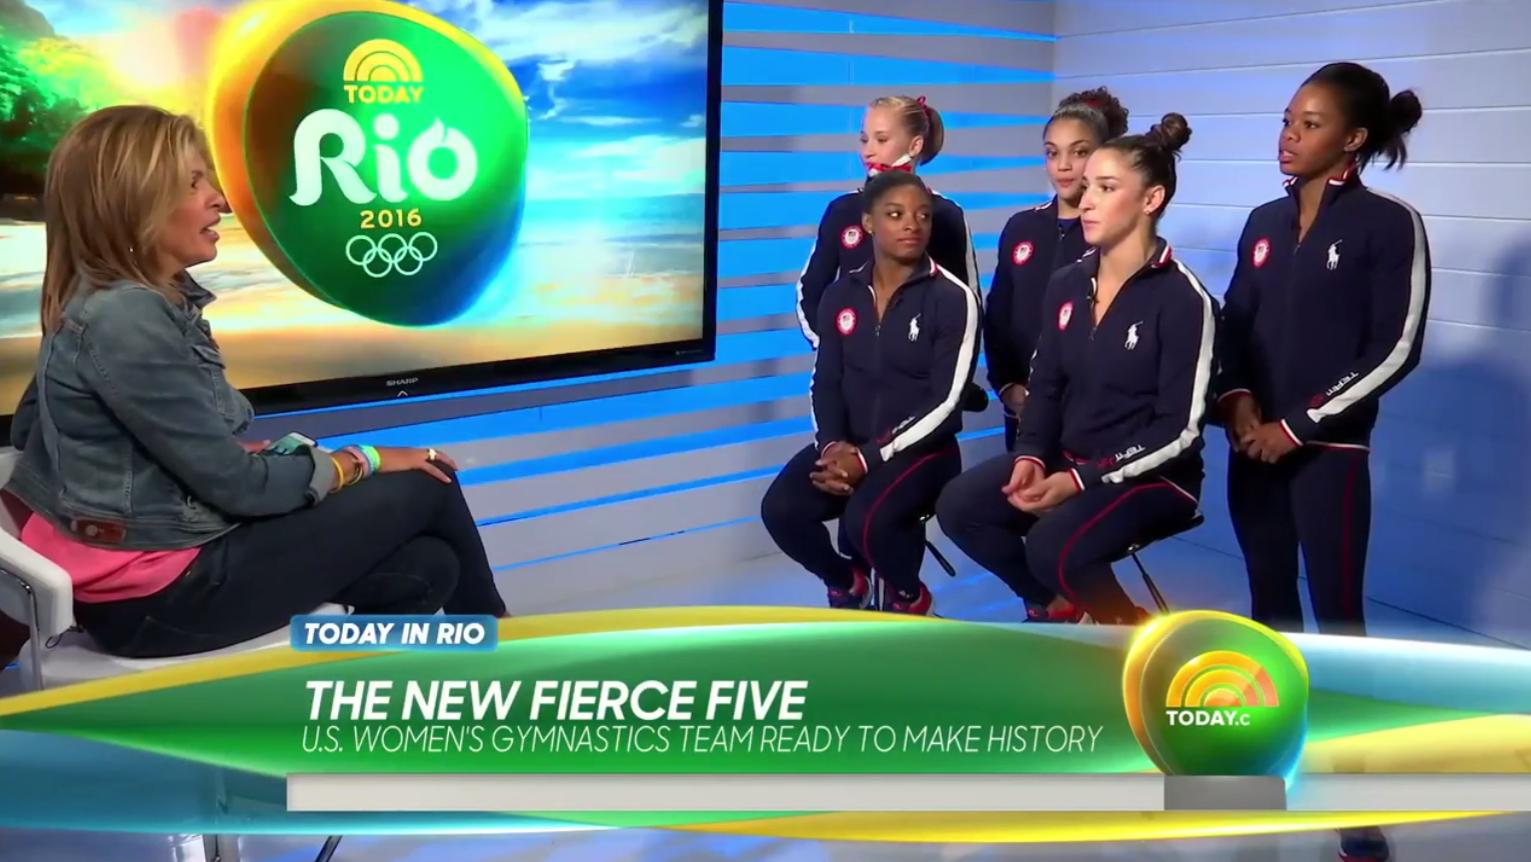 ncs_NBC-Olympics-Studio-Rio_0029